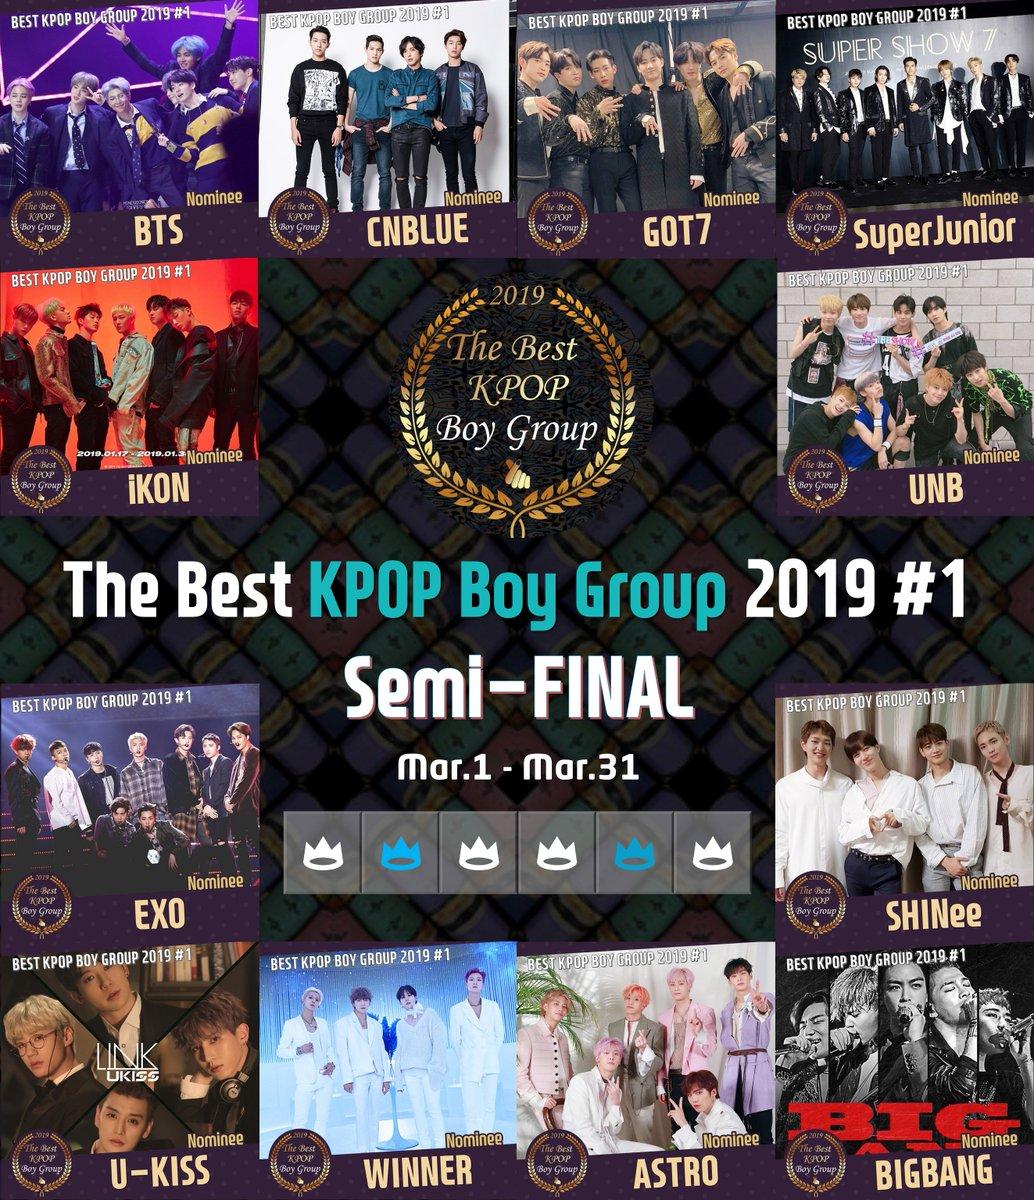 🏆Best KPOP Boy Group 2019 #1 📅 Semi-Final : Mar 1~Mar 31,2019